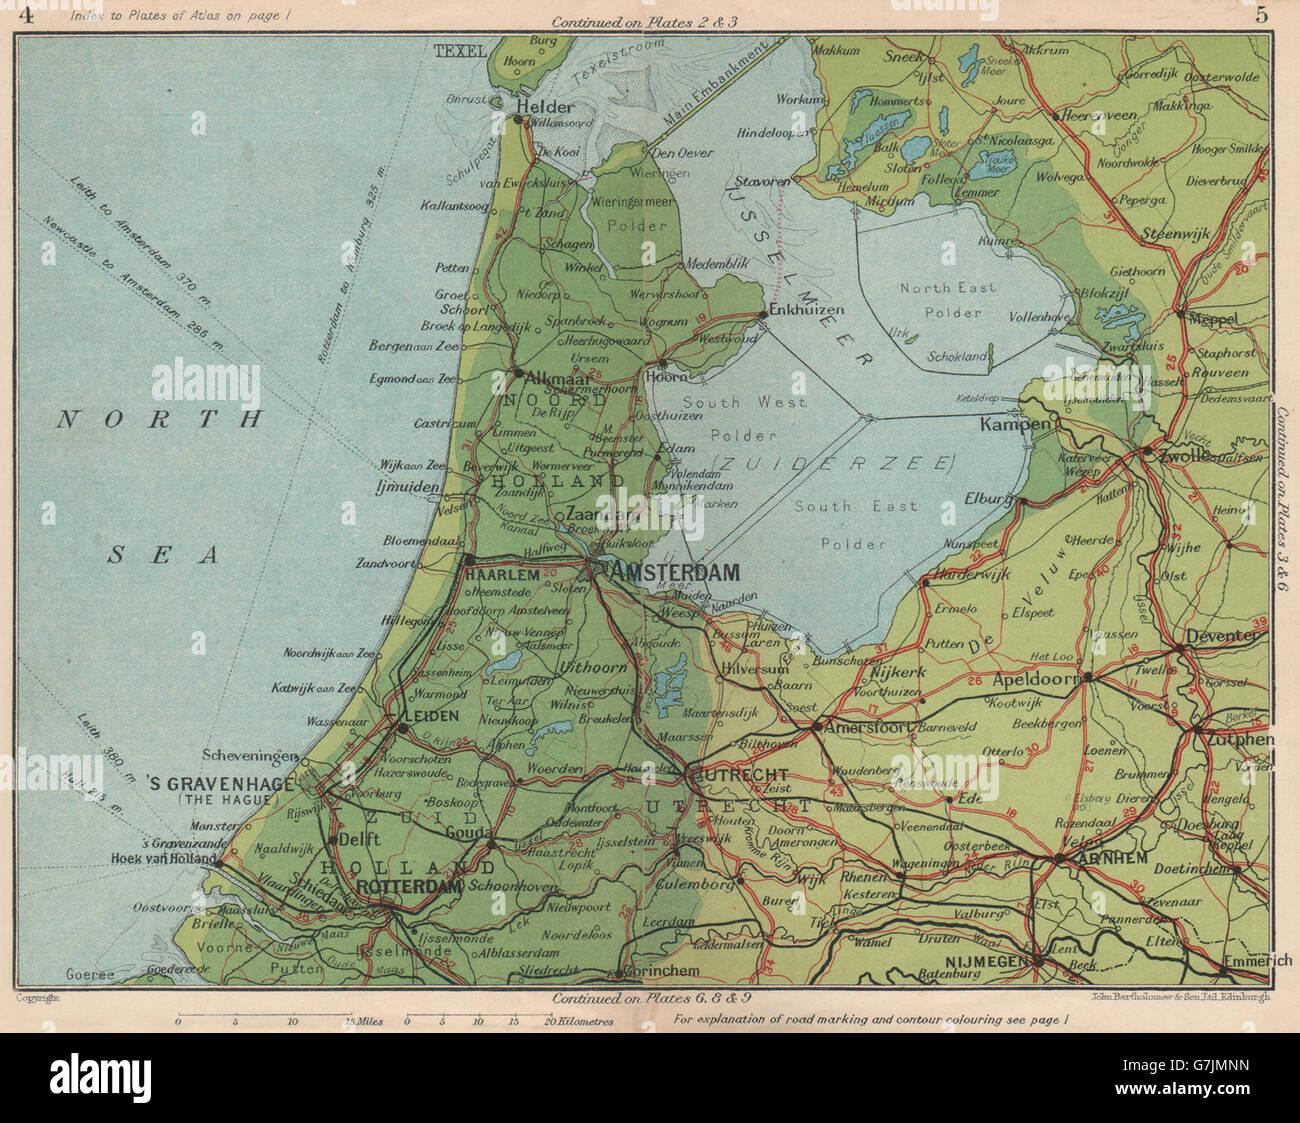 Karte Von Holland Landkarte Niederlande.Landkarte Von Holland Stockfotos Landkarte Von Holland Bilder Alamy